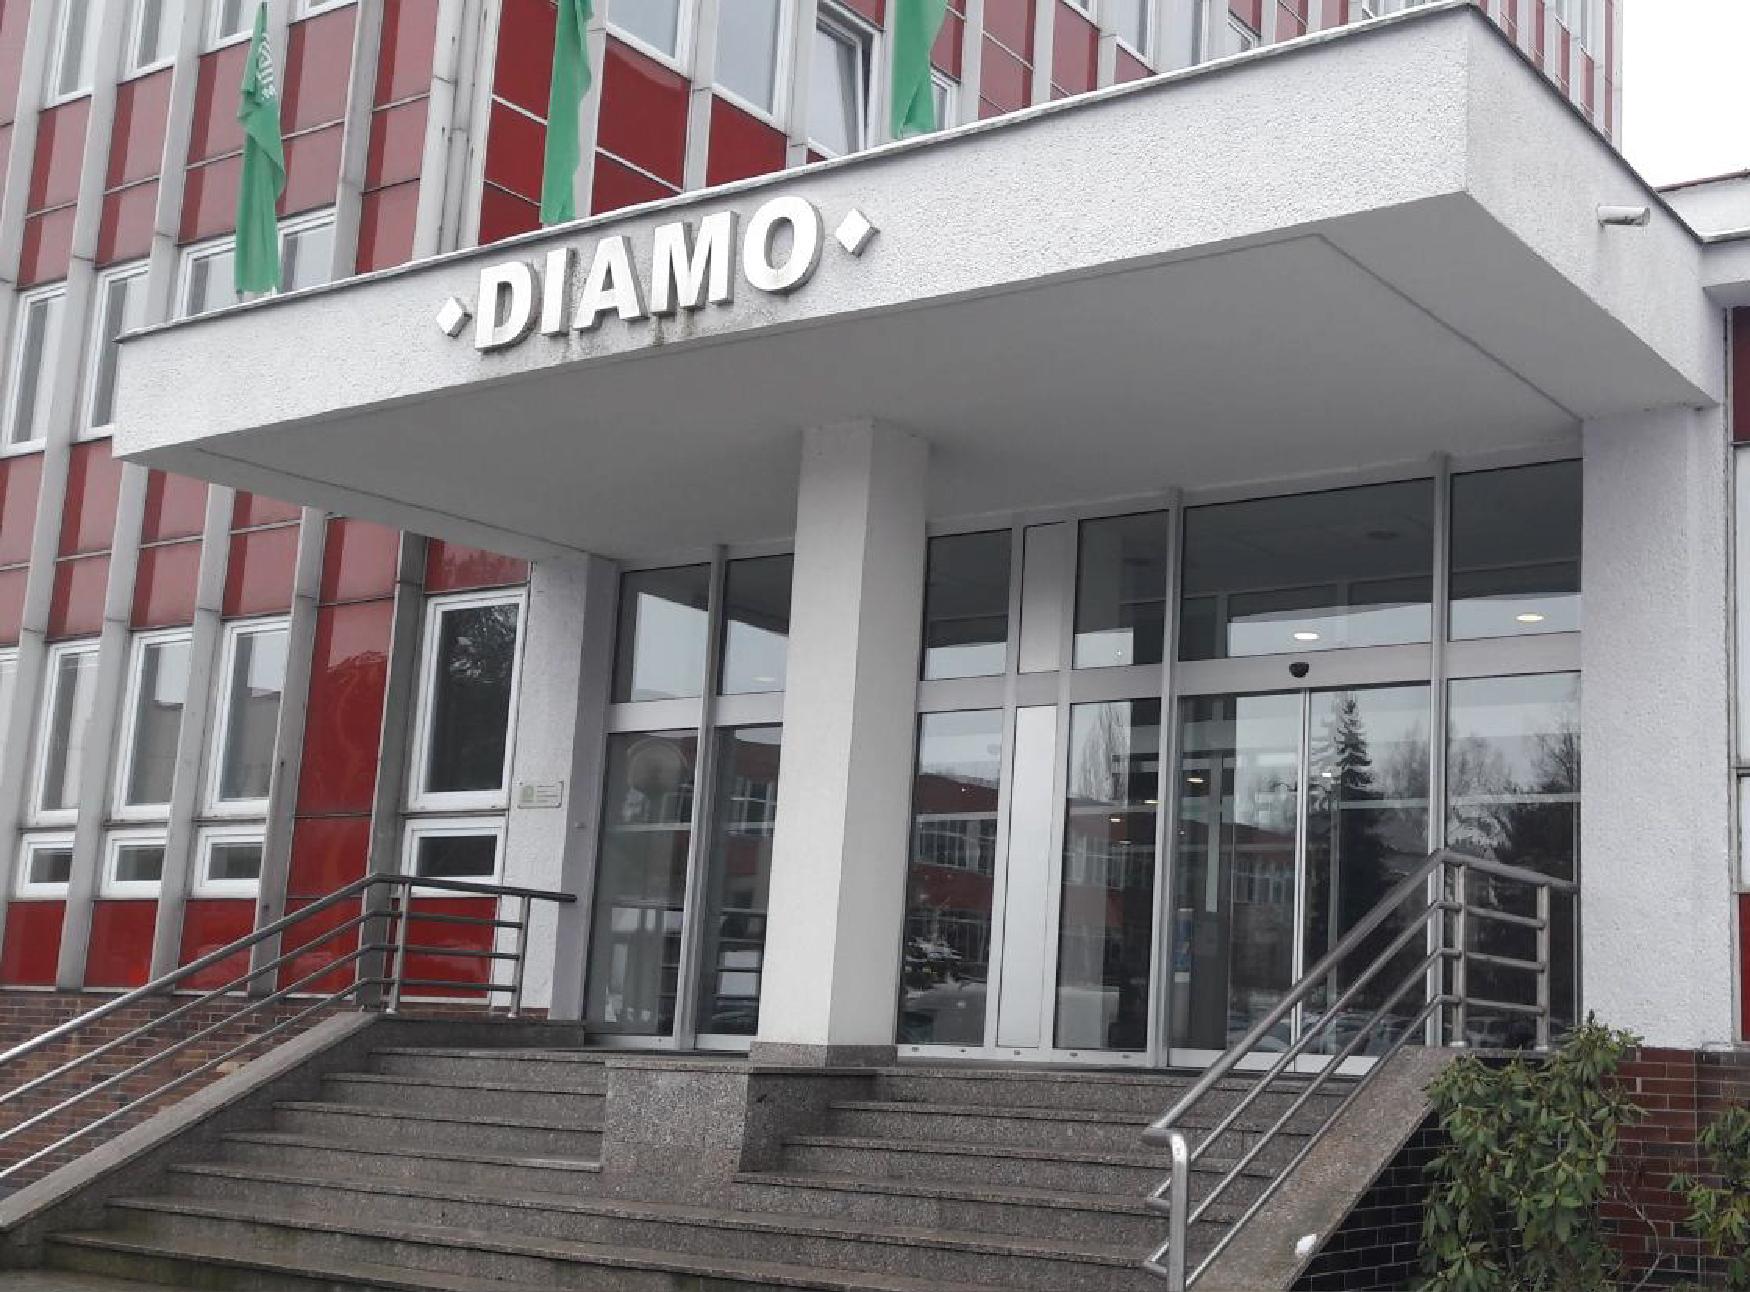 Diamo připravuje projekt průzkumu ložiska zlata na Jesenicku